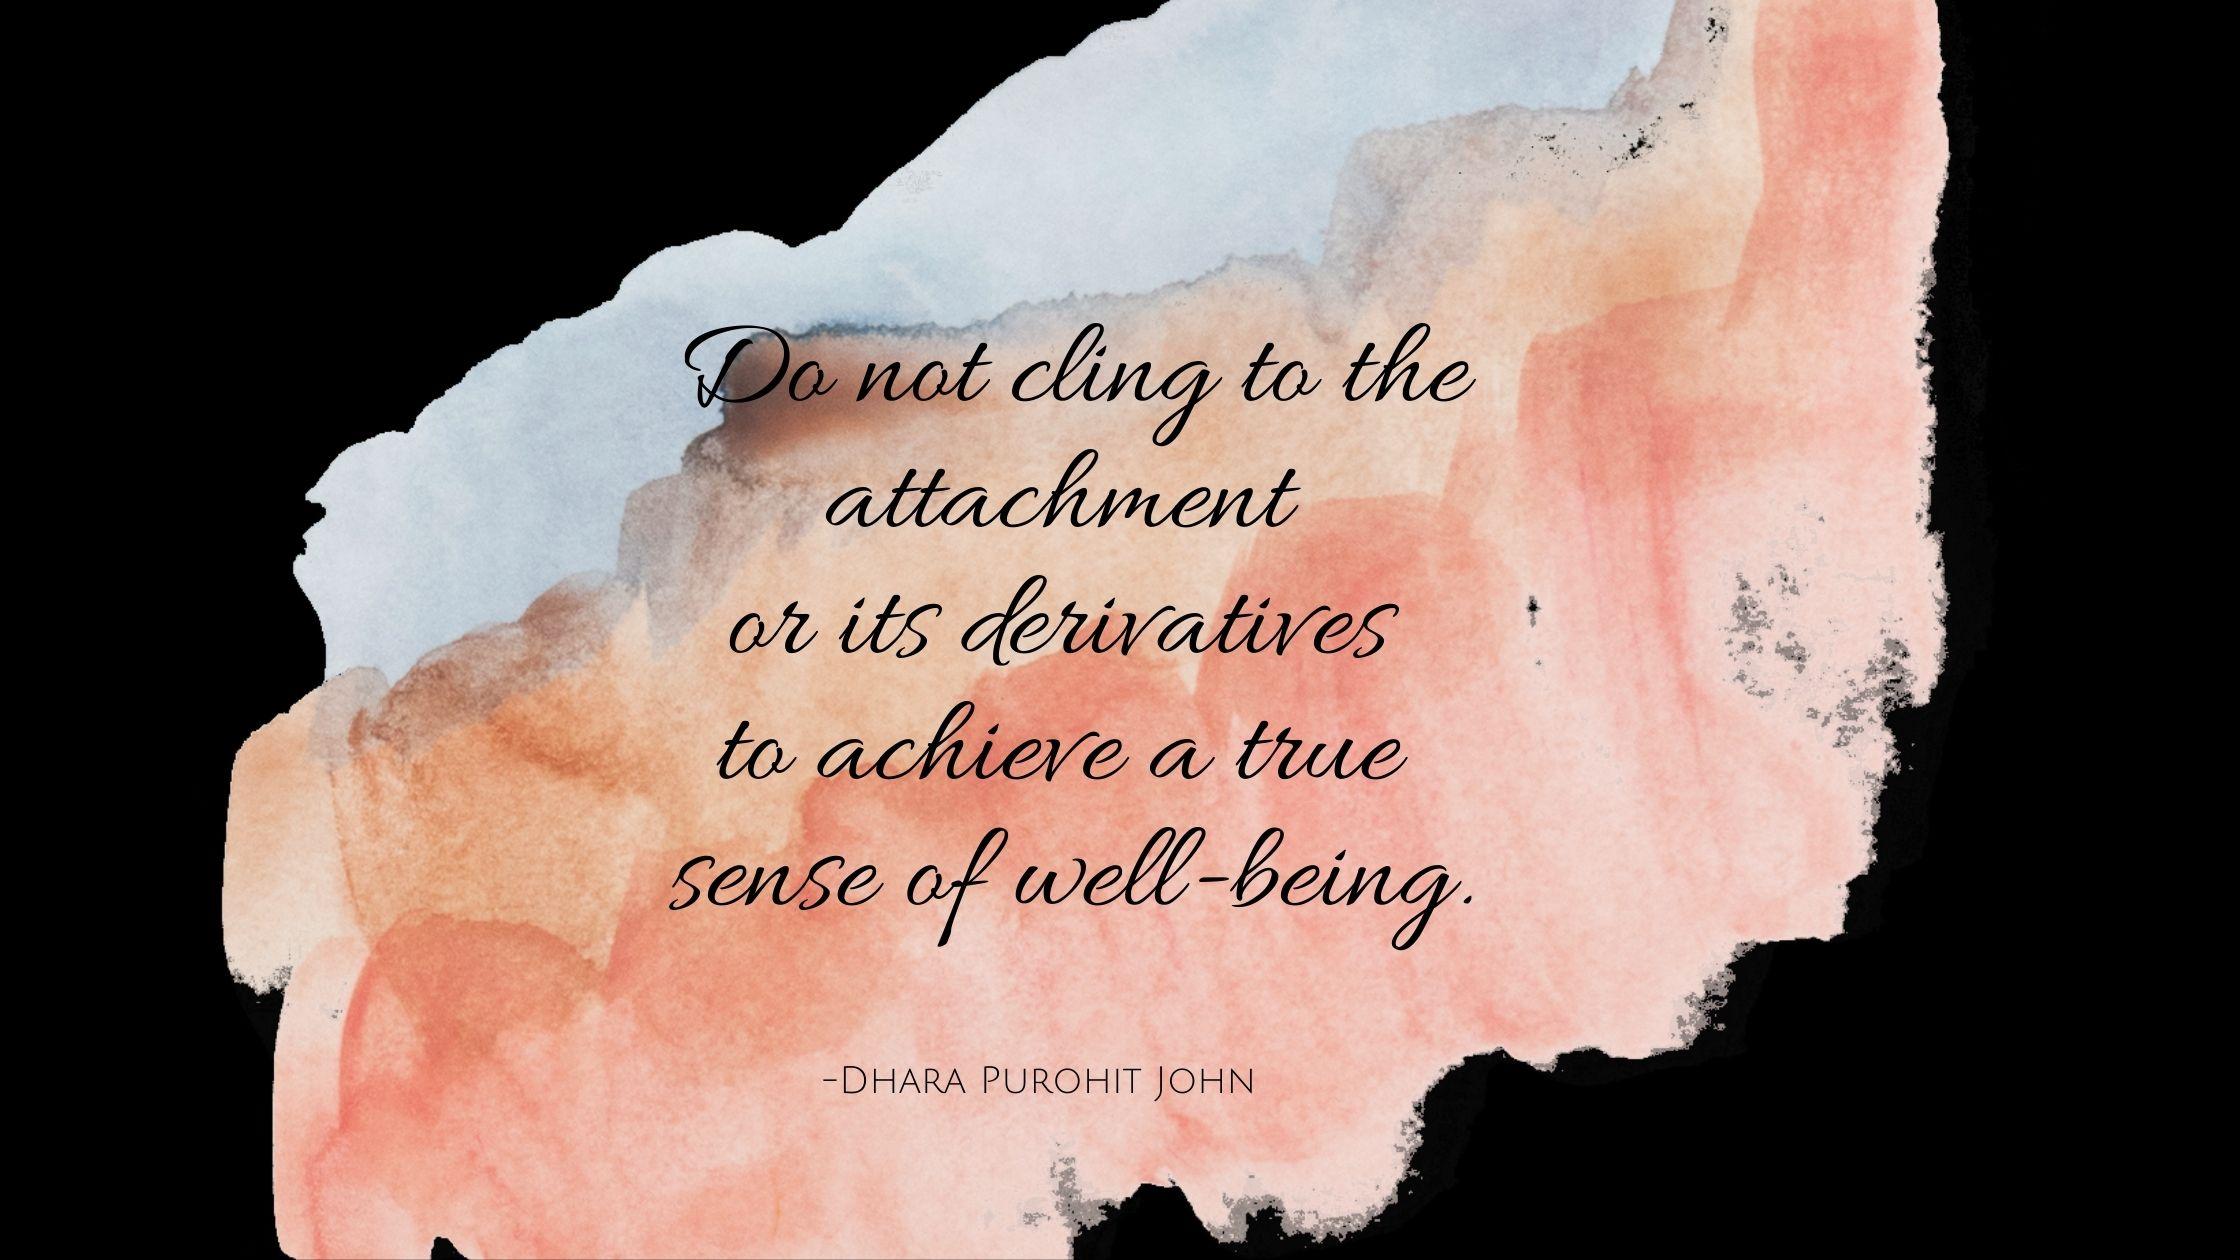 Nurture a true sense of well-being.